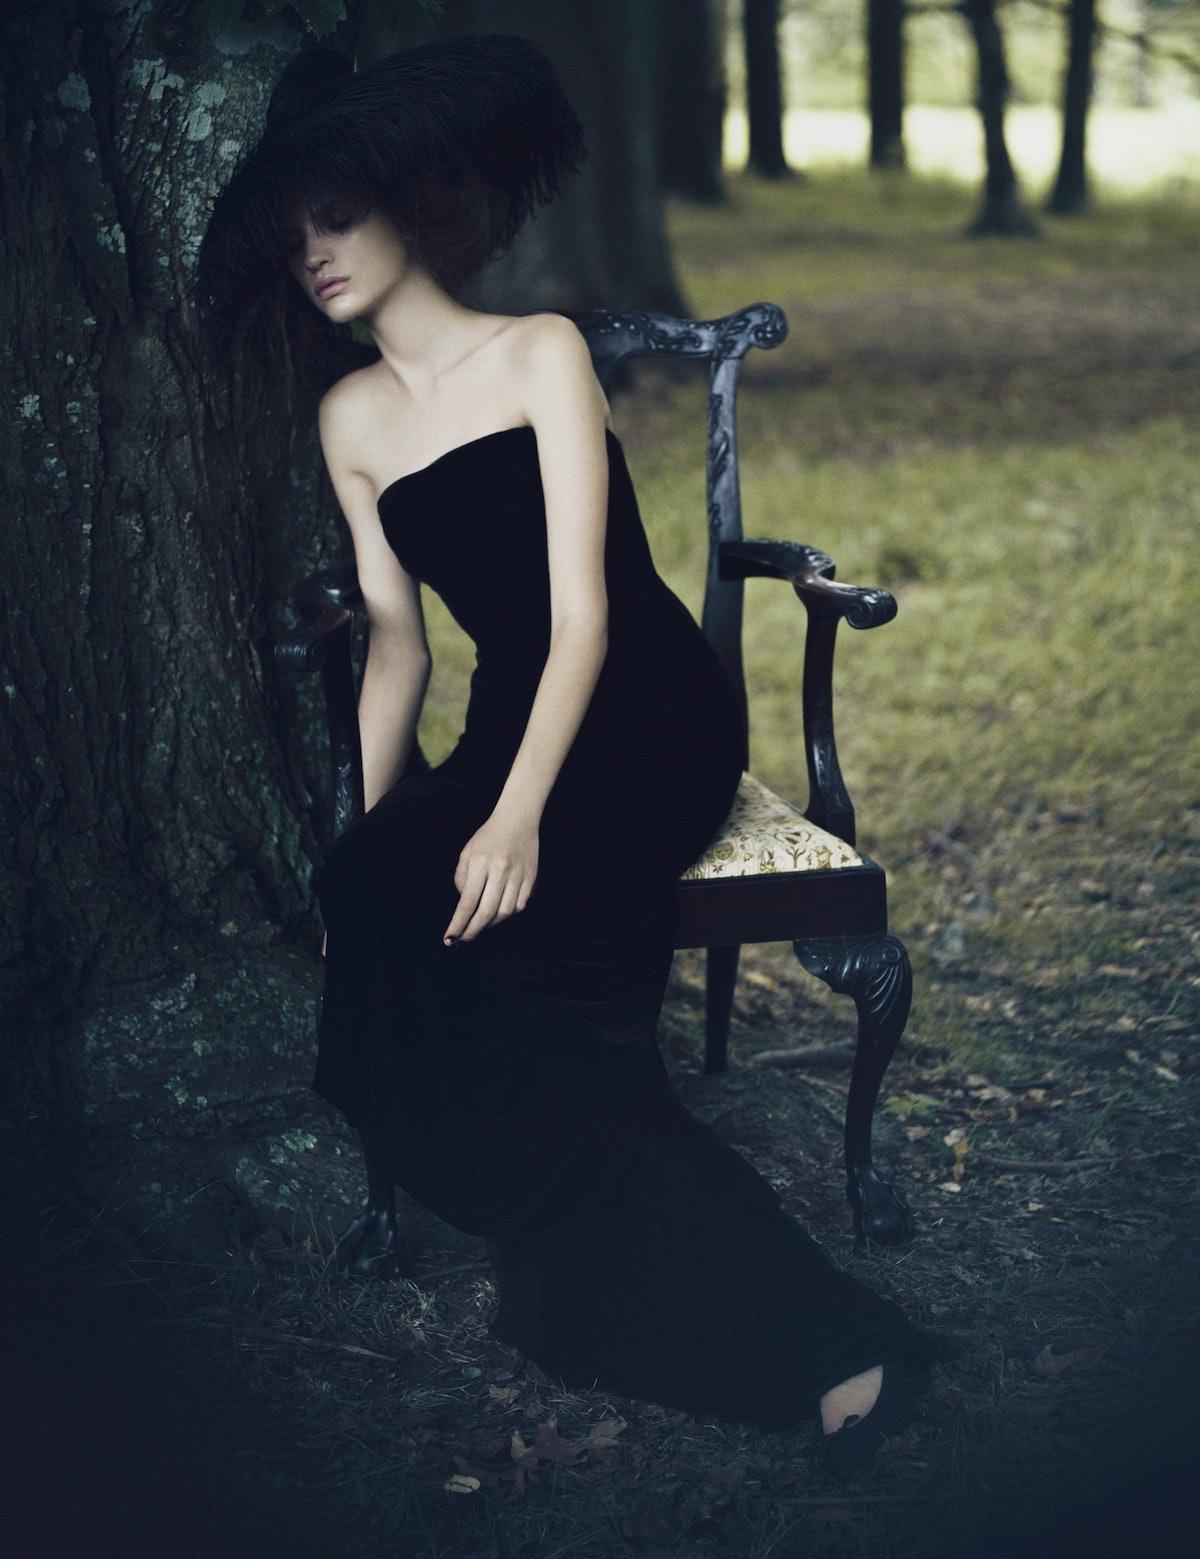 Dark Fashion Photography